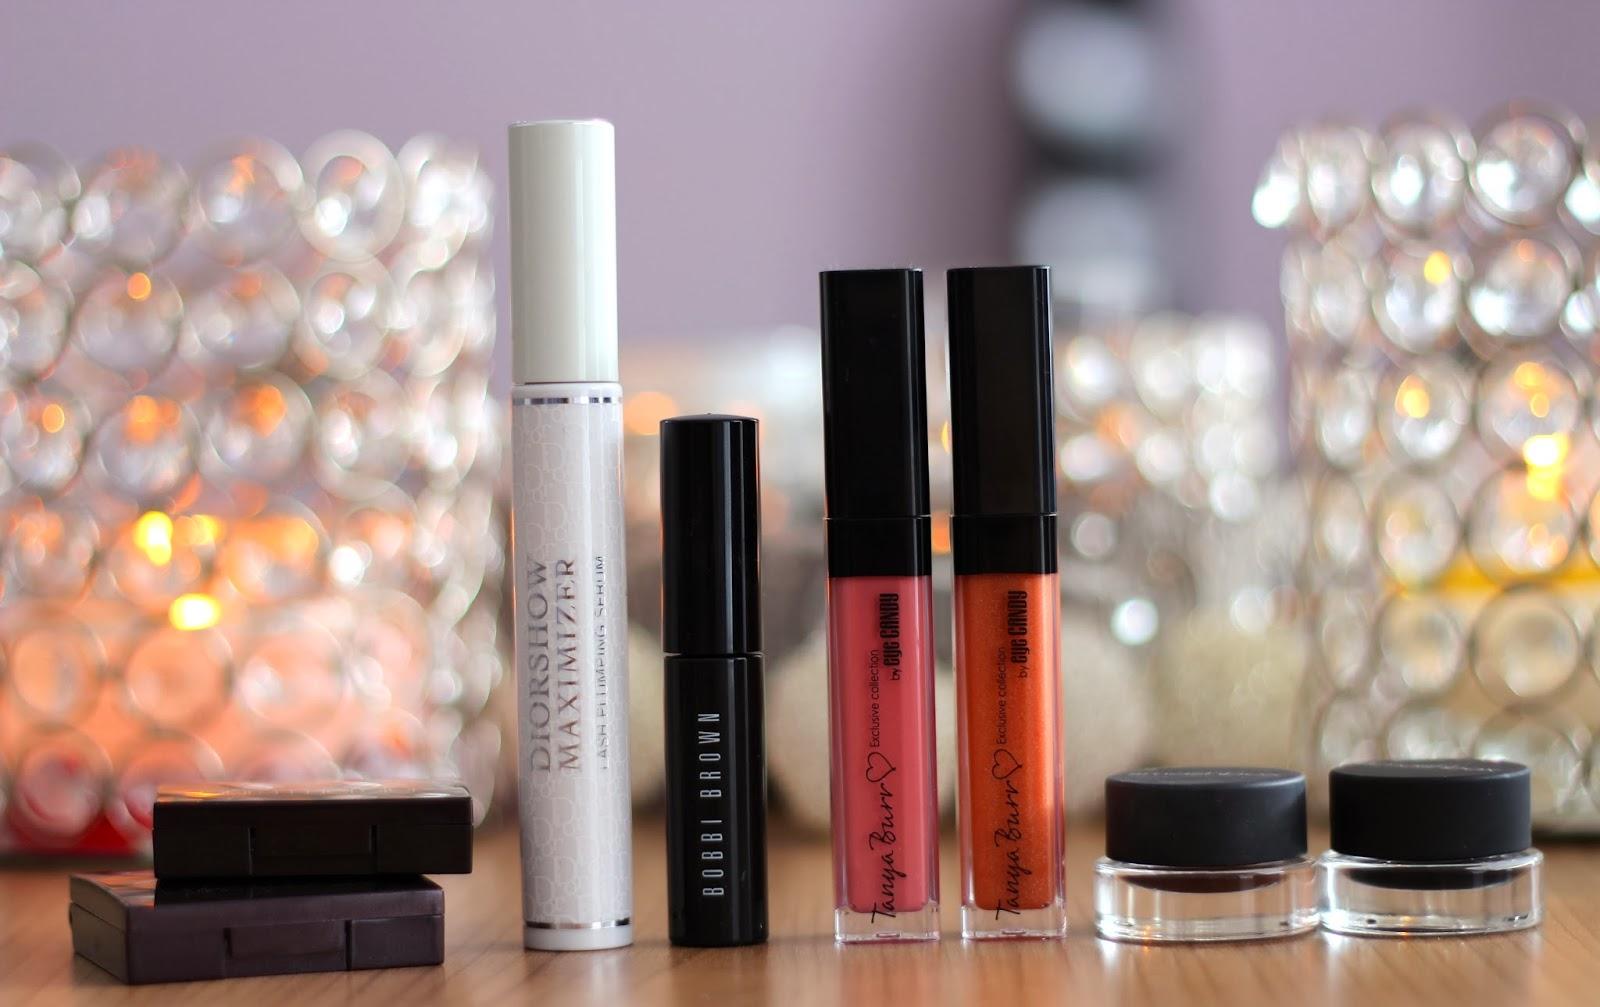 new-in-dior-laura-mercier-smashbox-makeup-2